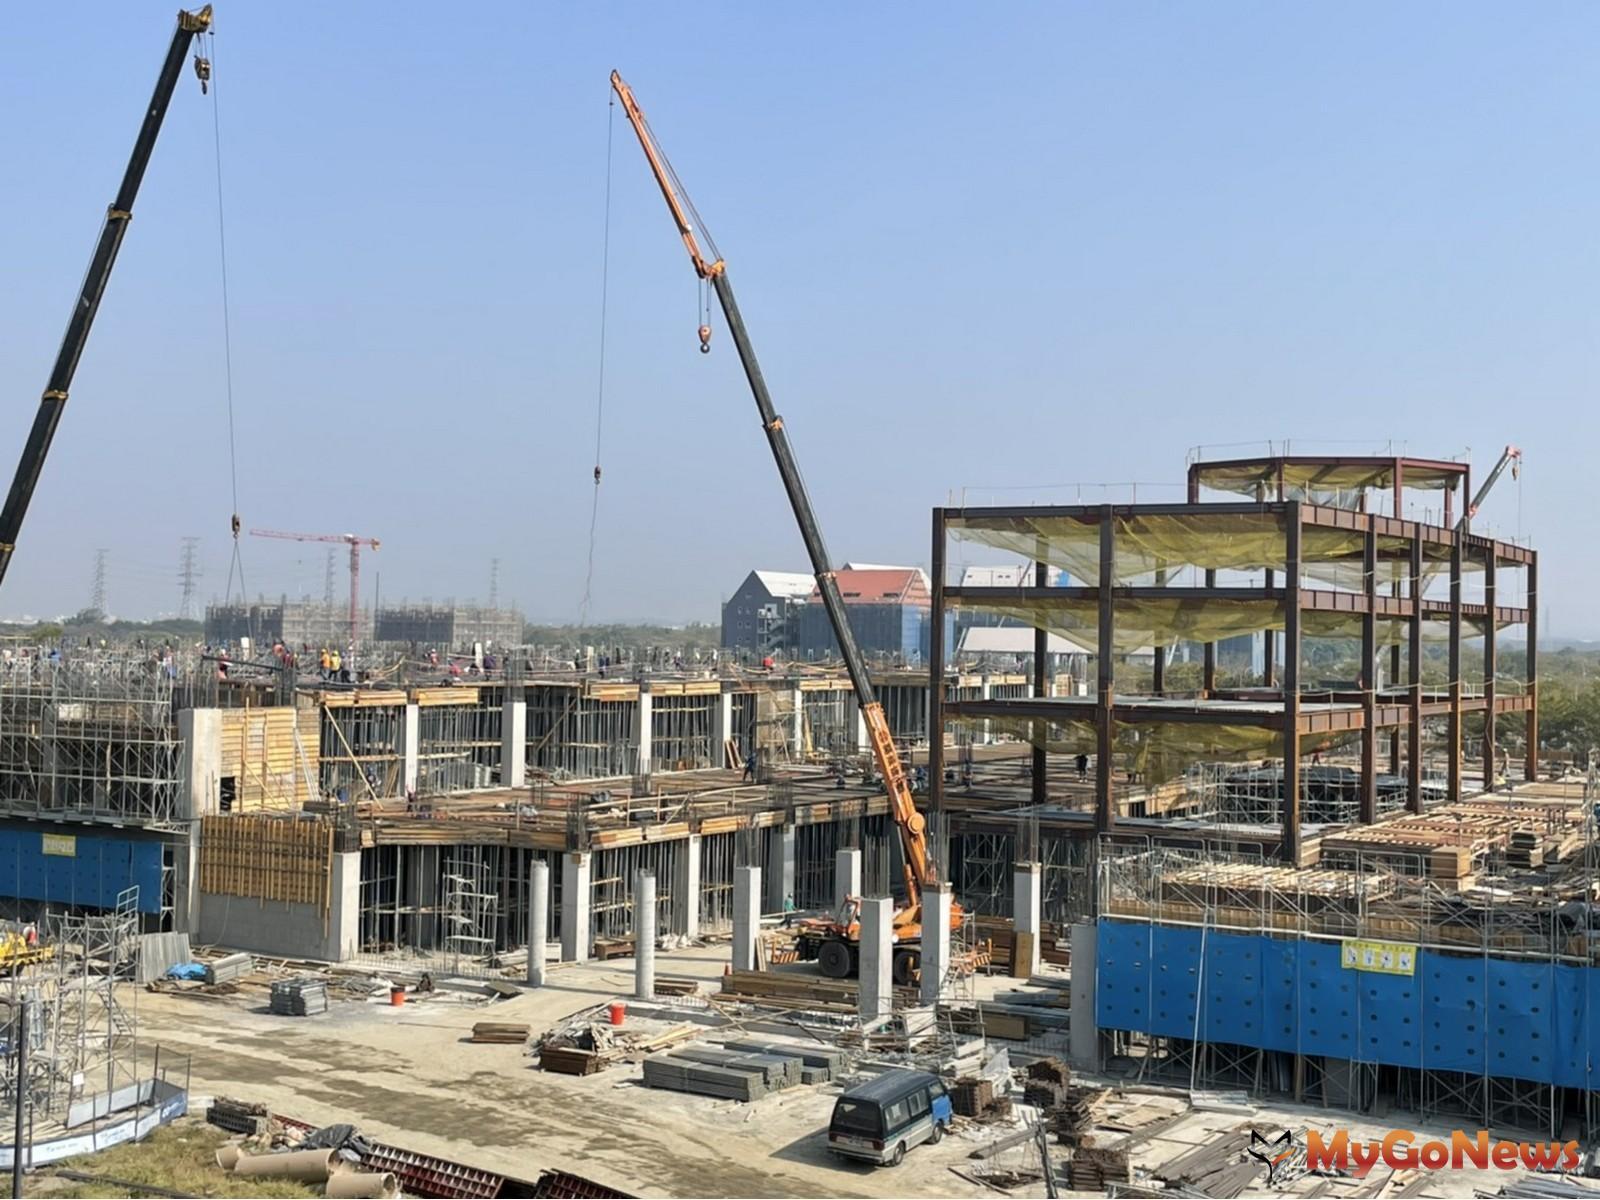 北市都市更新(重建區段)建築物工程造價修訂今提報審議會同意發布 MyGoNews房地產新聞 市場快訊